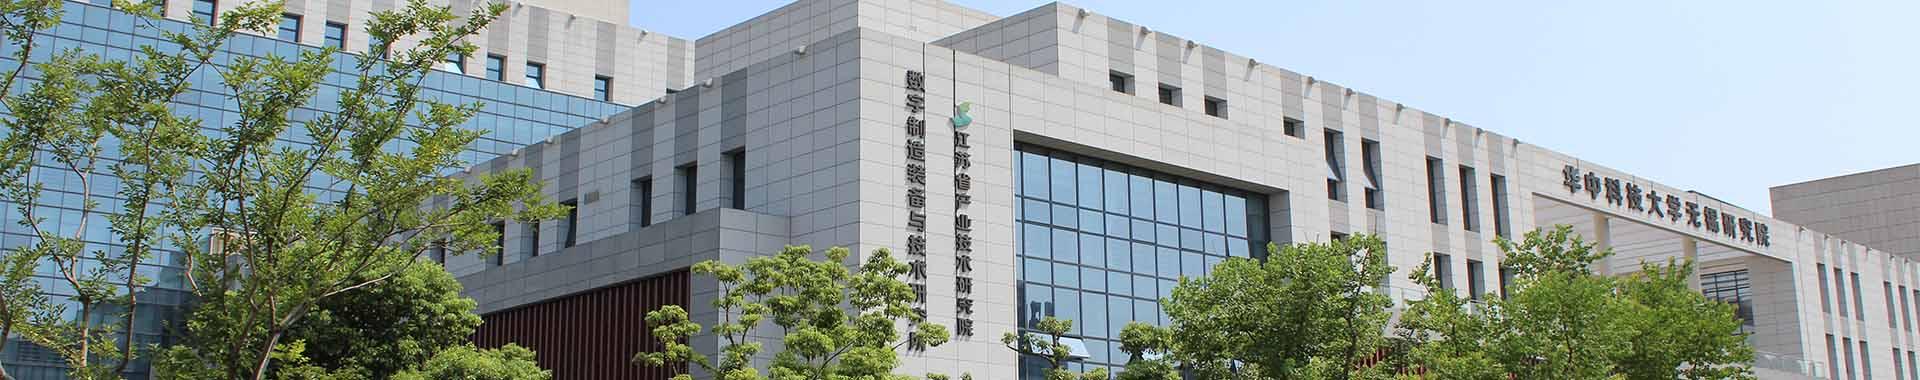 研究院大楼